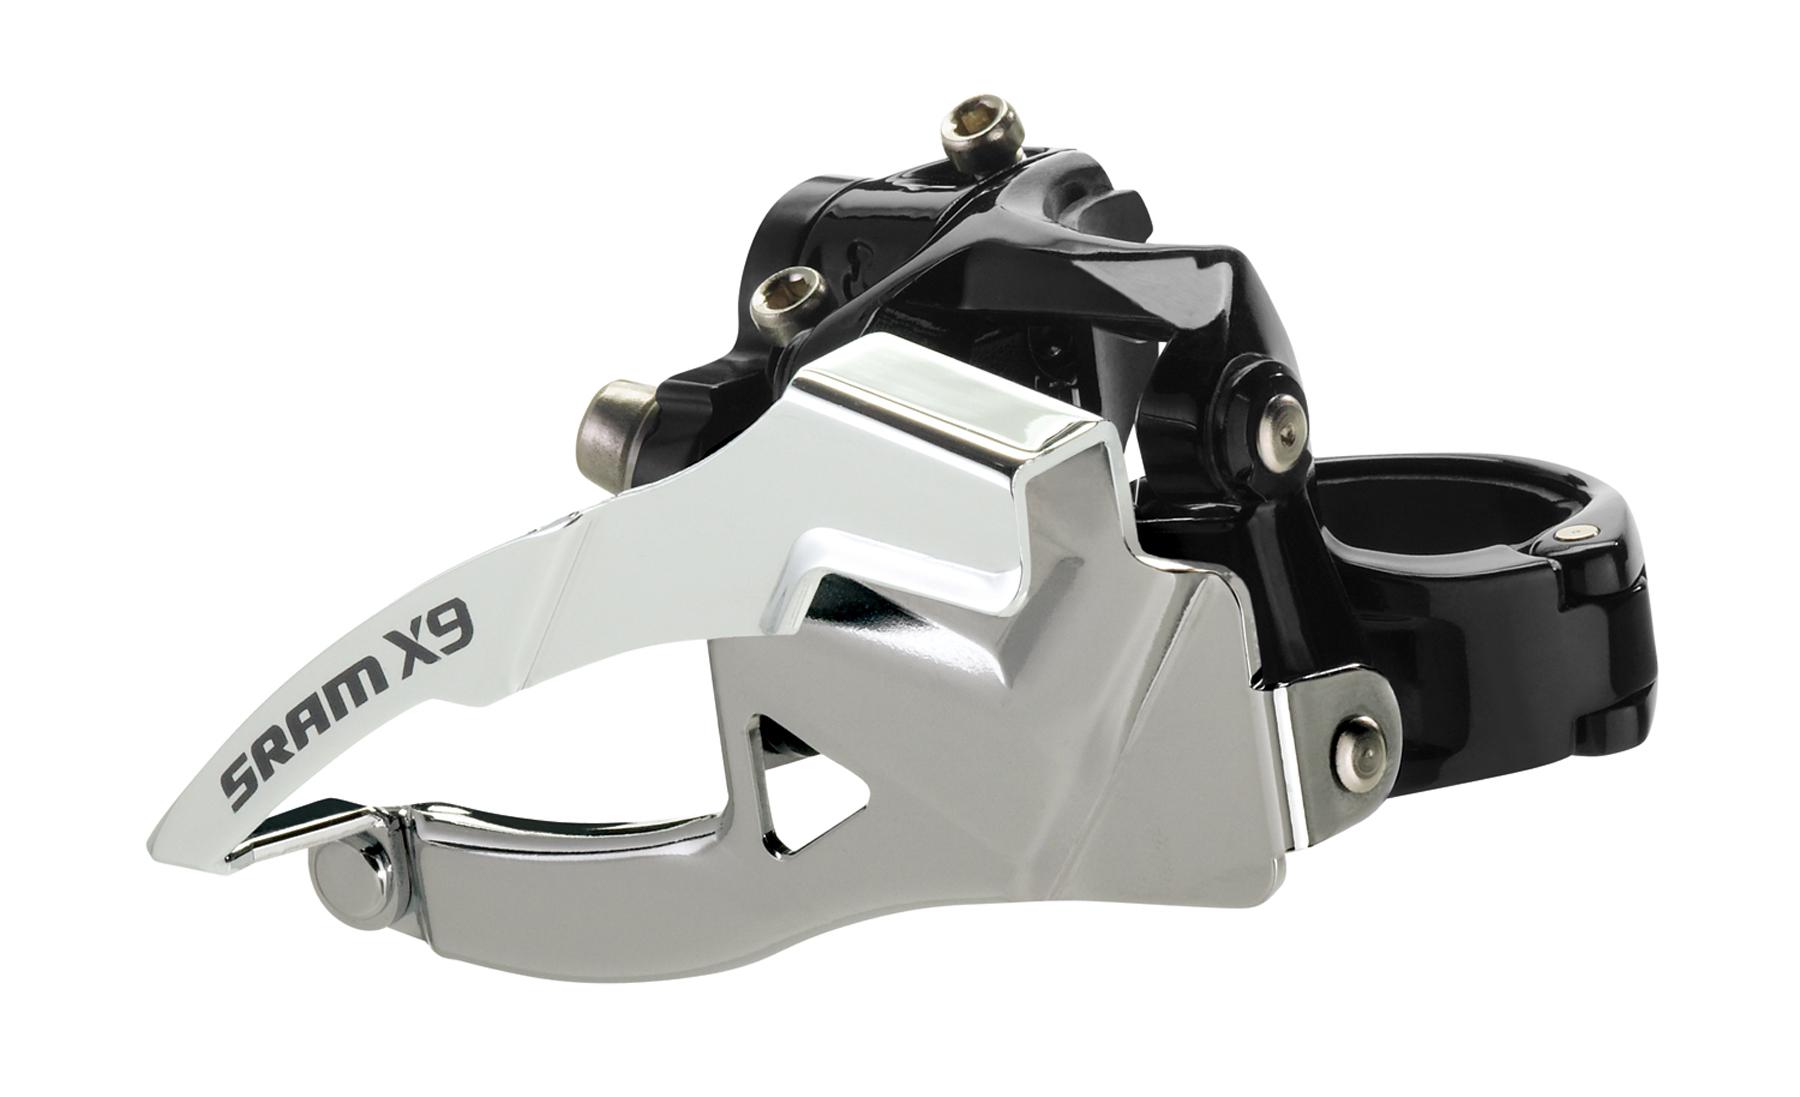 SRAM Front derailleur X9 High clamp Ø31,8 mm 3x10 speed Top pullBlack | Front derailleur